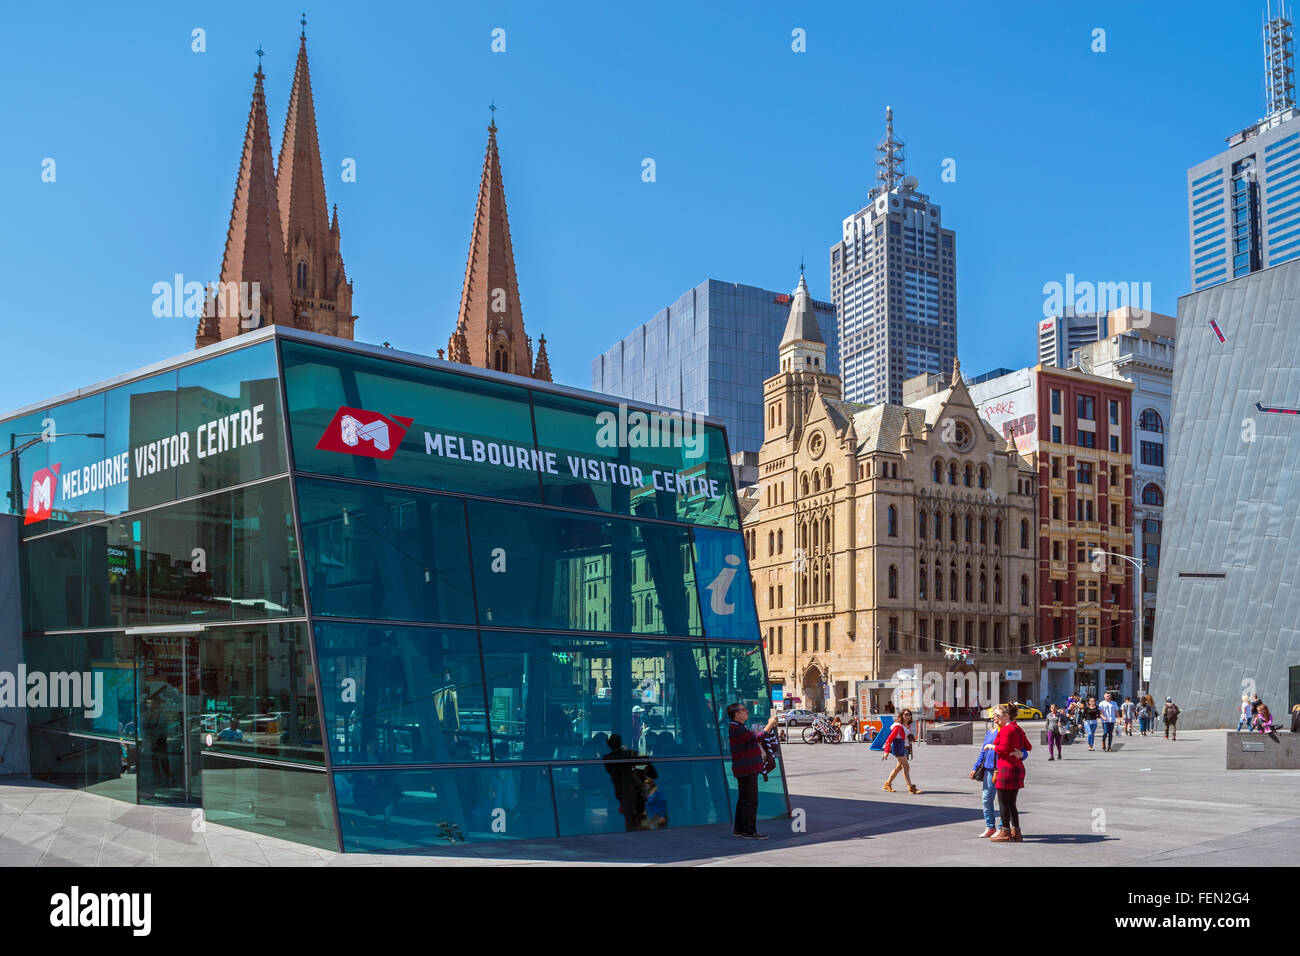 Melbourne Visitor Centre, Federation Square, Melbourne, Australia - Stock Image